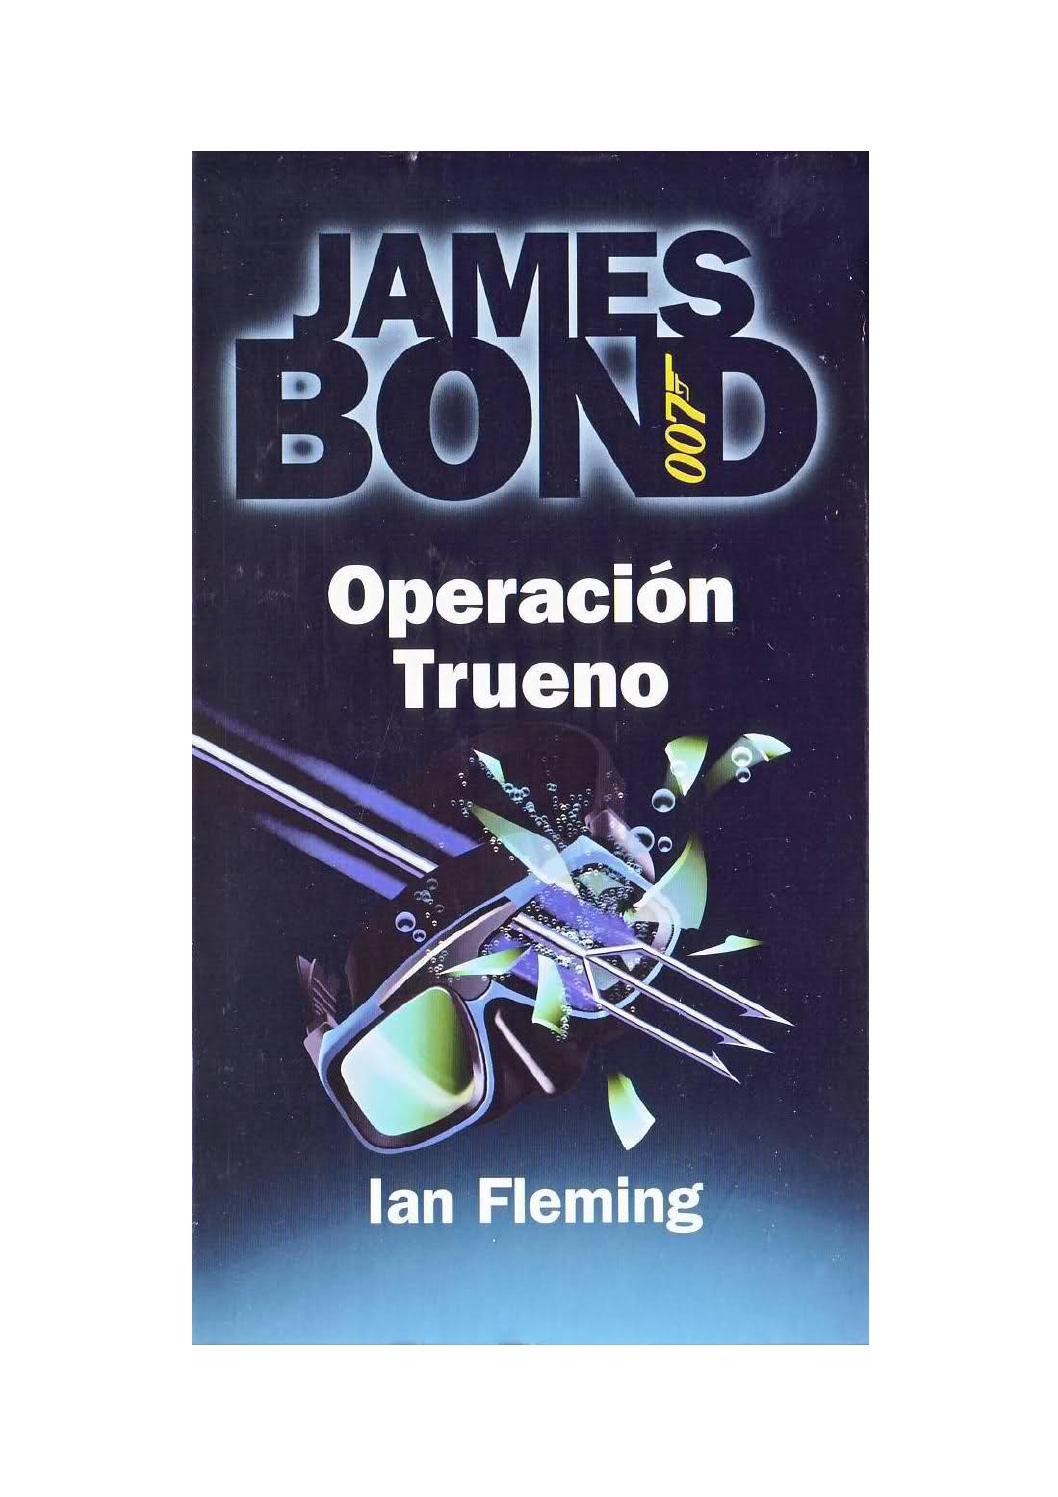 f572d9a29 Ian fleming 1961 operacion trueno by kalitpf - issuu